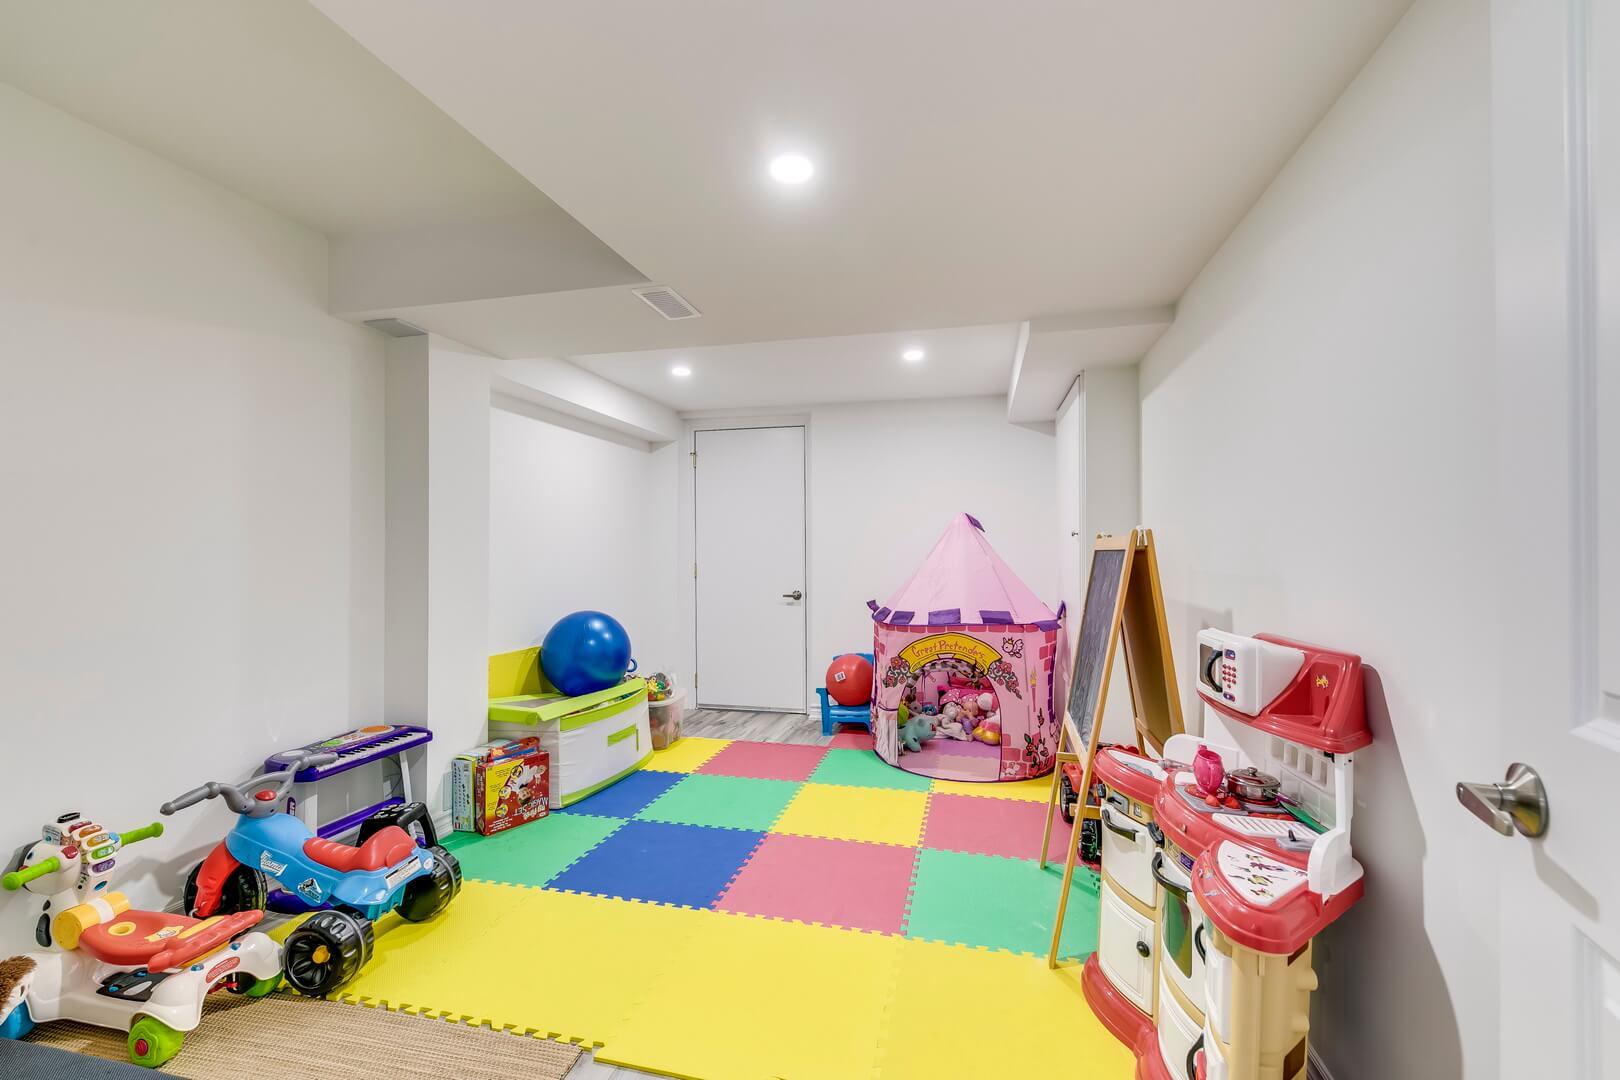 room for children in basement